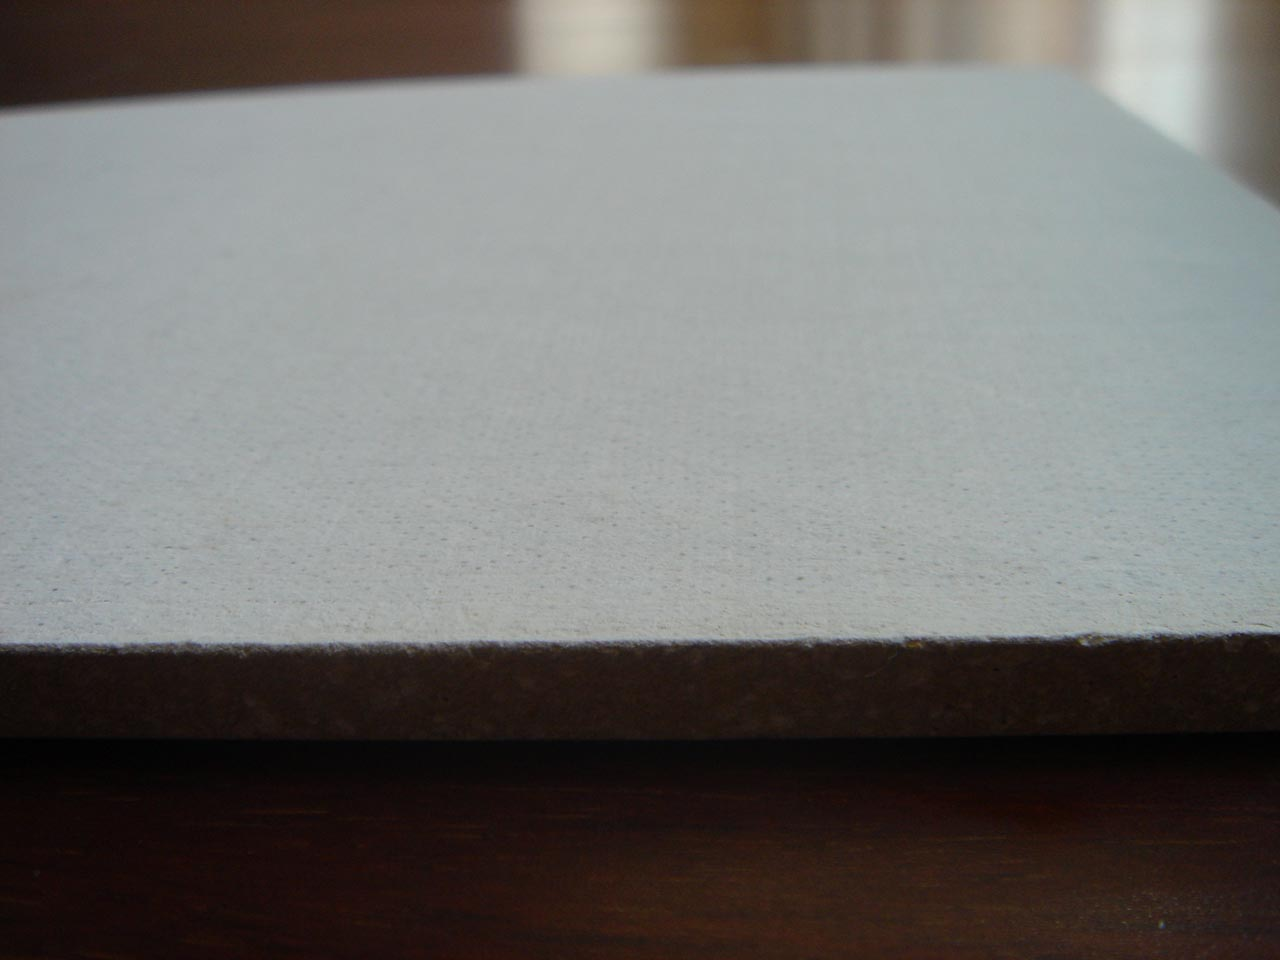 装饰用铝塑板是否有防火检验报告